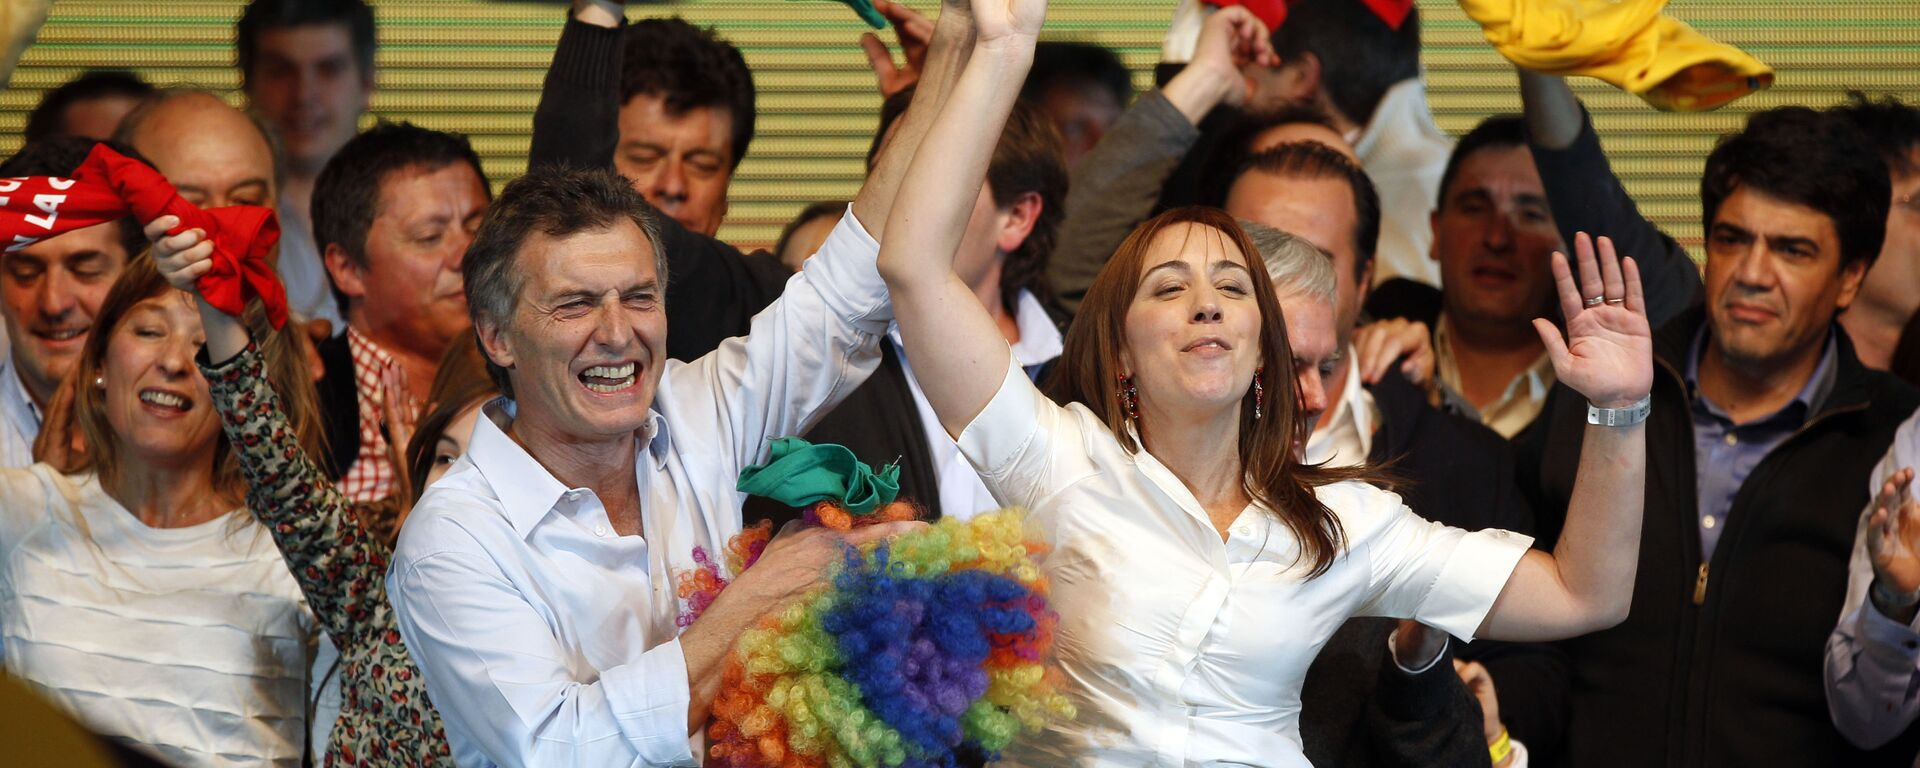 Candidato presidencial en Argentina, Mauricio Macri y candidata a gobernar la provincia de Buenos Aires, María Eugenia Vidal - Sputnik Mundo, 1920, 31.03.2021